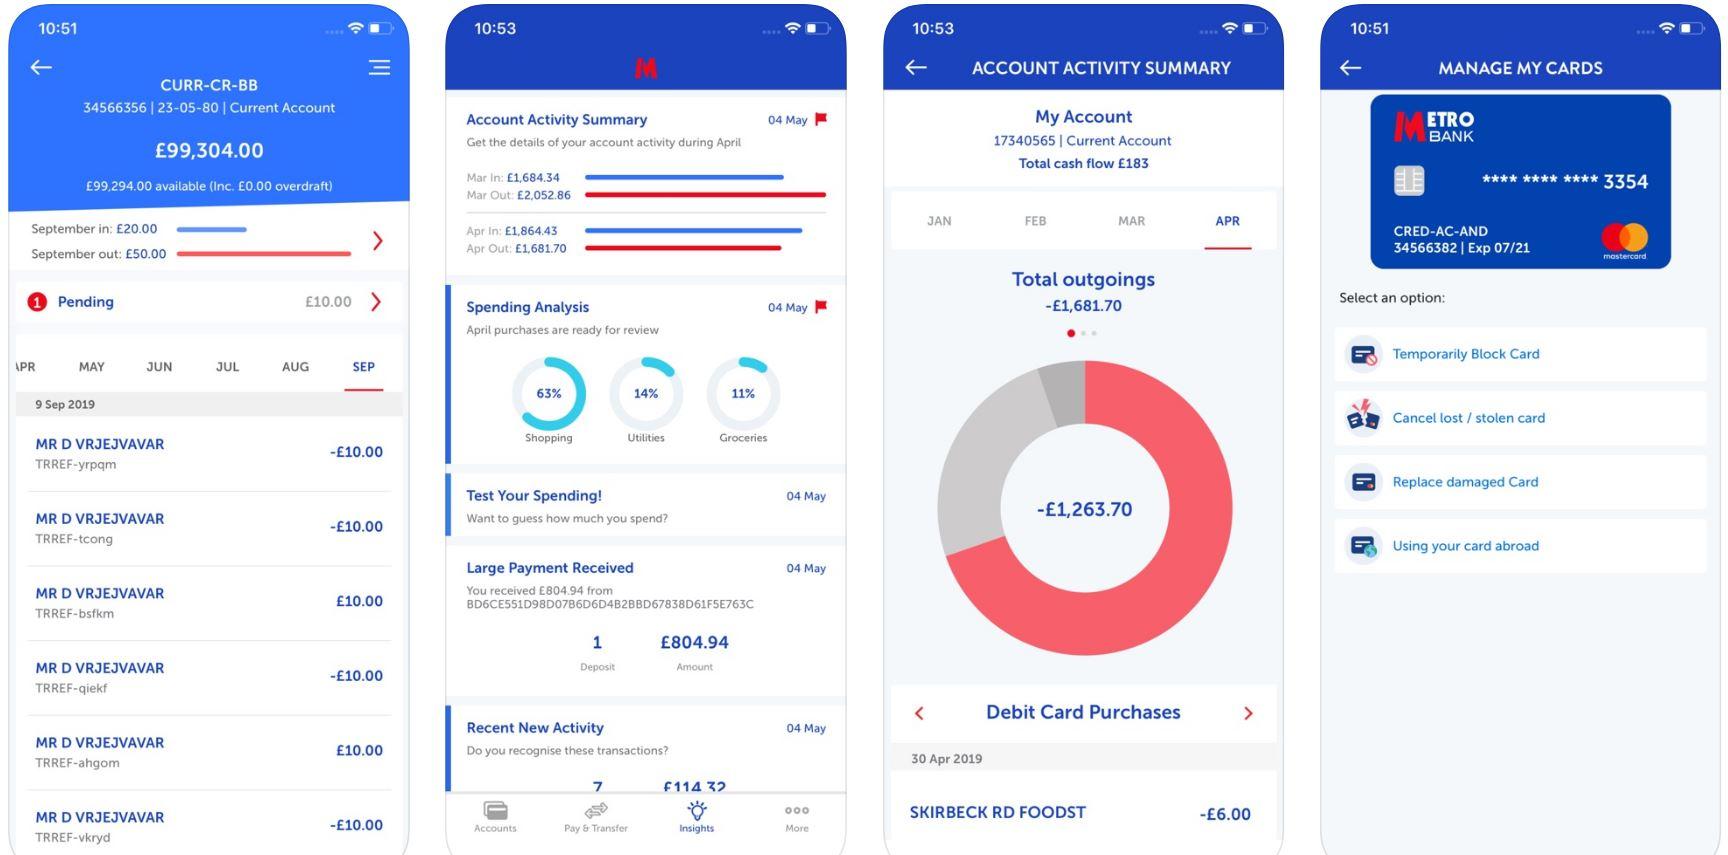 Metro bank mobile banking app